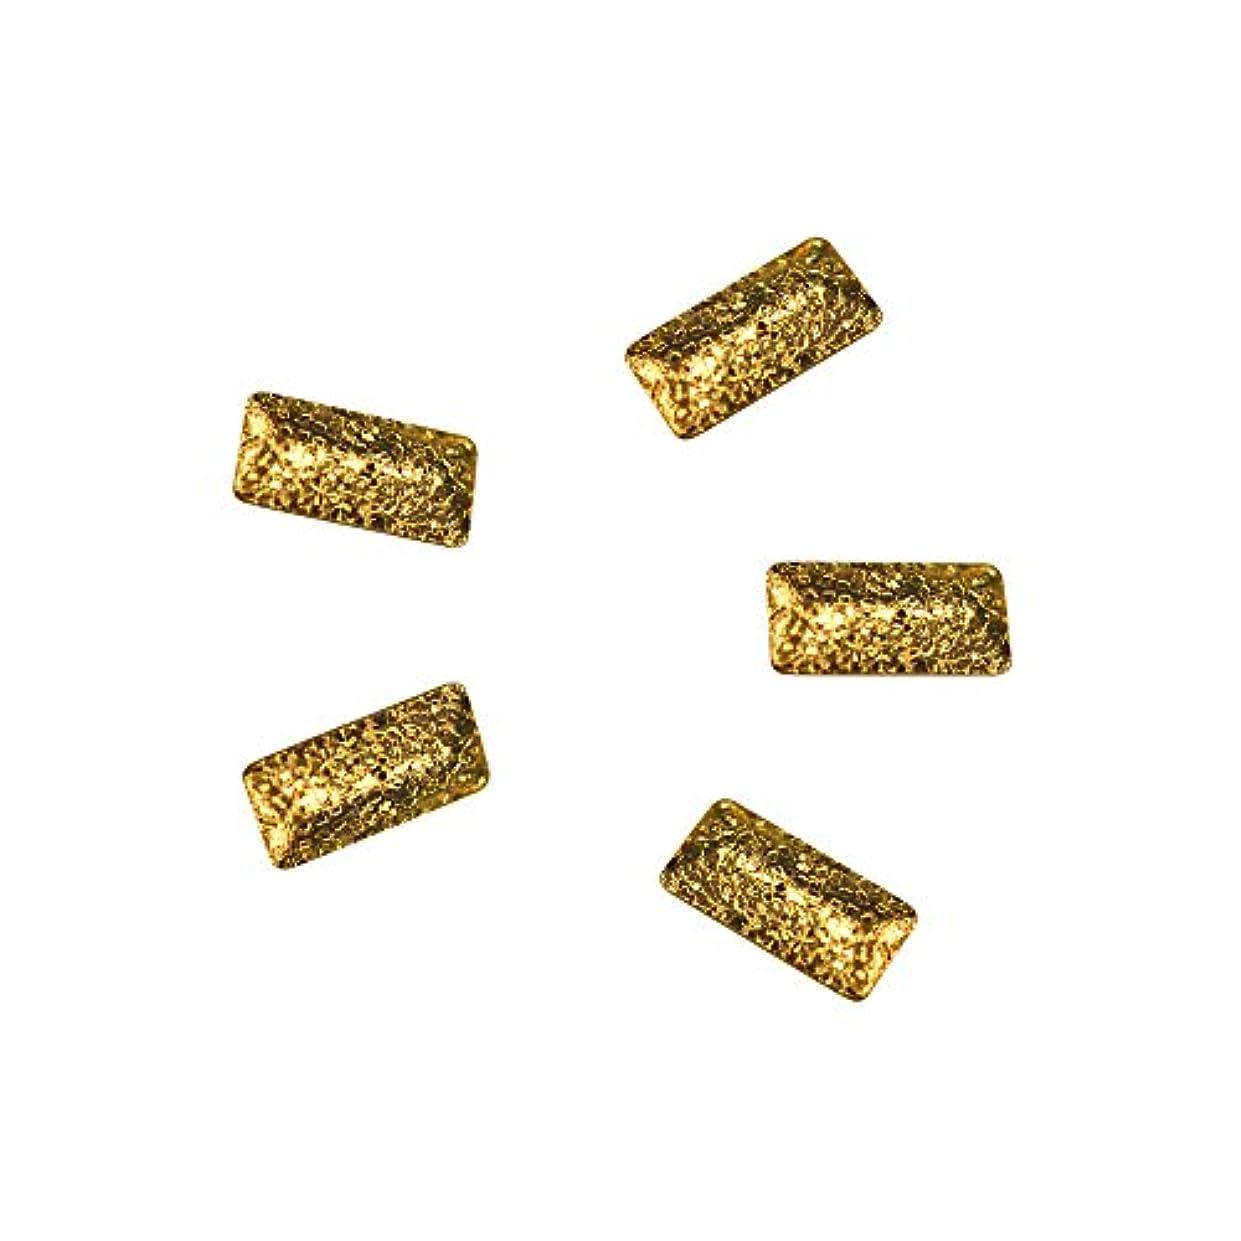 はねかける準備ができて実験室Bonnail ラフスタッズゴールド レクタングル 3×1.2mm 30P